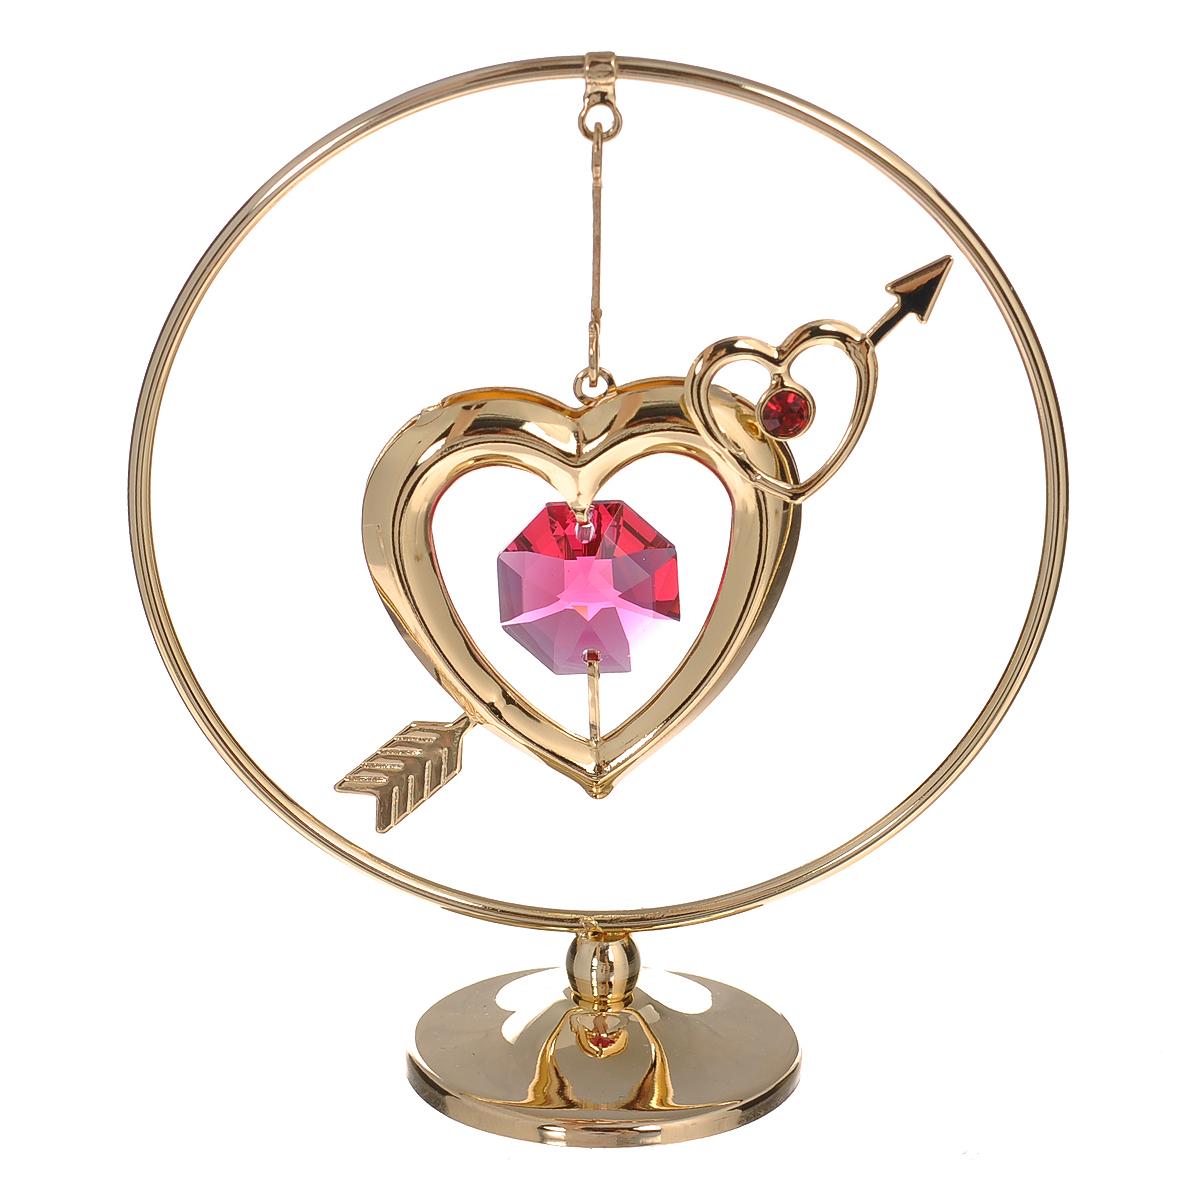 Фигурка декоративная Сердце на подвеске, цвет: золотистый. 67596UP210DFДекоративная фигурка Сердце выполнена из углеродистой стали, покрытой золотом толщиной 0,05 микрон. Фигурка представляет собой круглый обруч с подвеской в виде сердечка. Фигурка украшена крупным граненым кристаллом Swarovski розового цвета. Поставьте фигурку на стол в офисе или дома и наслаждайтесь изящными формами и блеском кристаллов.Изысканный и эффектный, этот сувенир покорит своей красотой и изумительным качеством исполнения, а также станет замечательным подарком. Характеристики:Материал: углеродистая сталь, кристаллы Swarovski. Размер фигурки (ДхШхВ): 7 см х 3 см х 8 см. Цвет: золотистый. Размер упаковки: 7,5 см х 5 см х 10 см. Артикул: 67596.